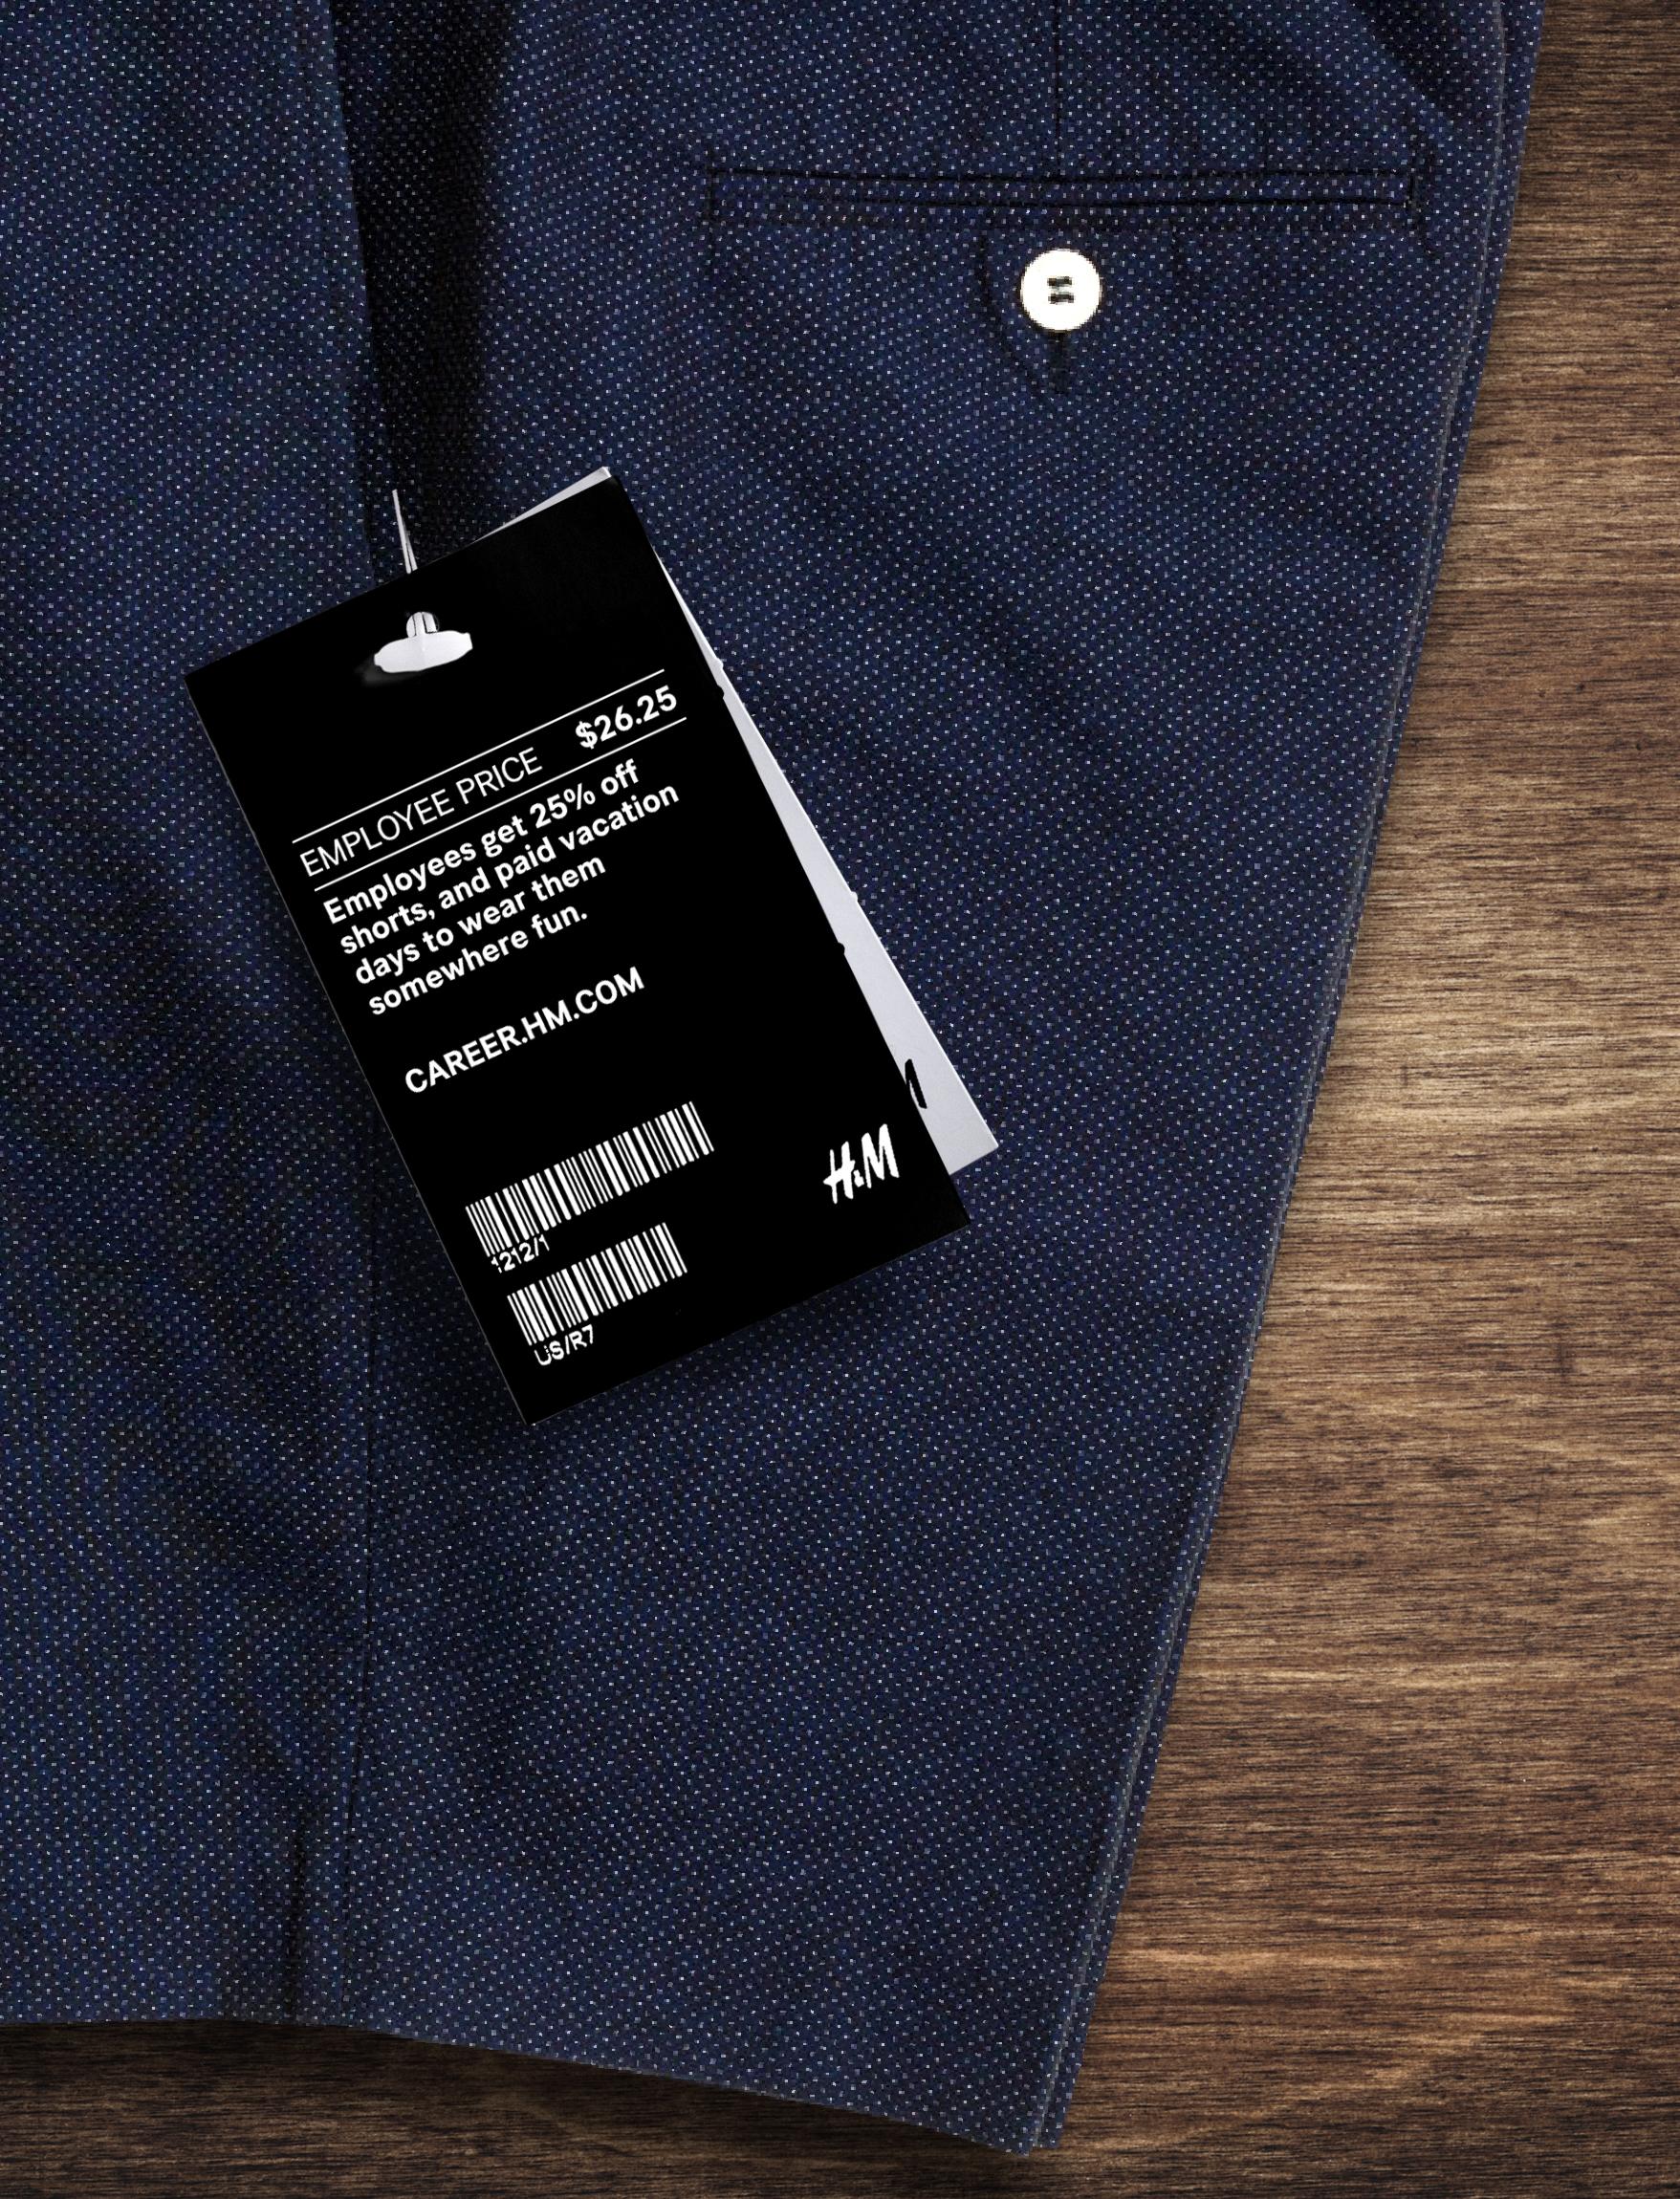 H-M_Tags_Shorts.jpg